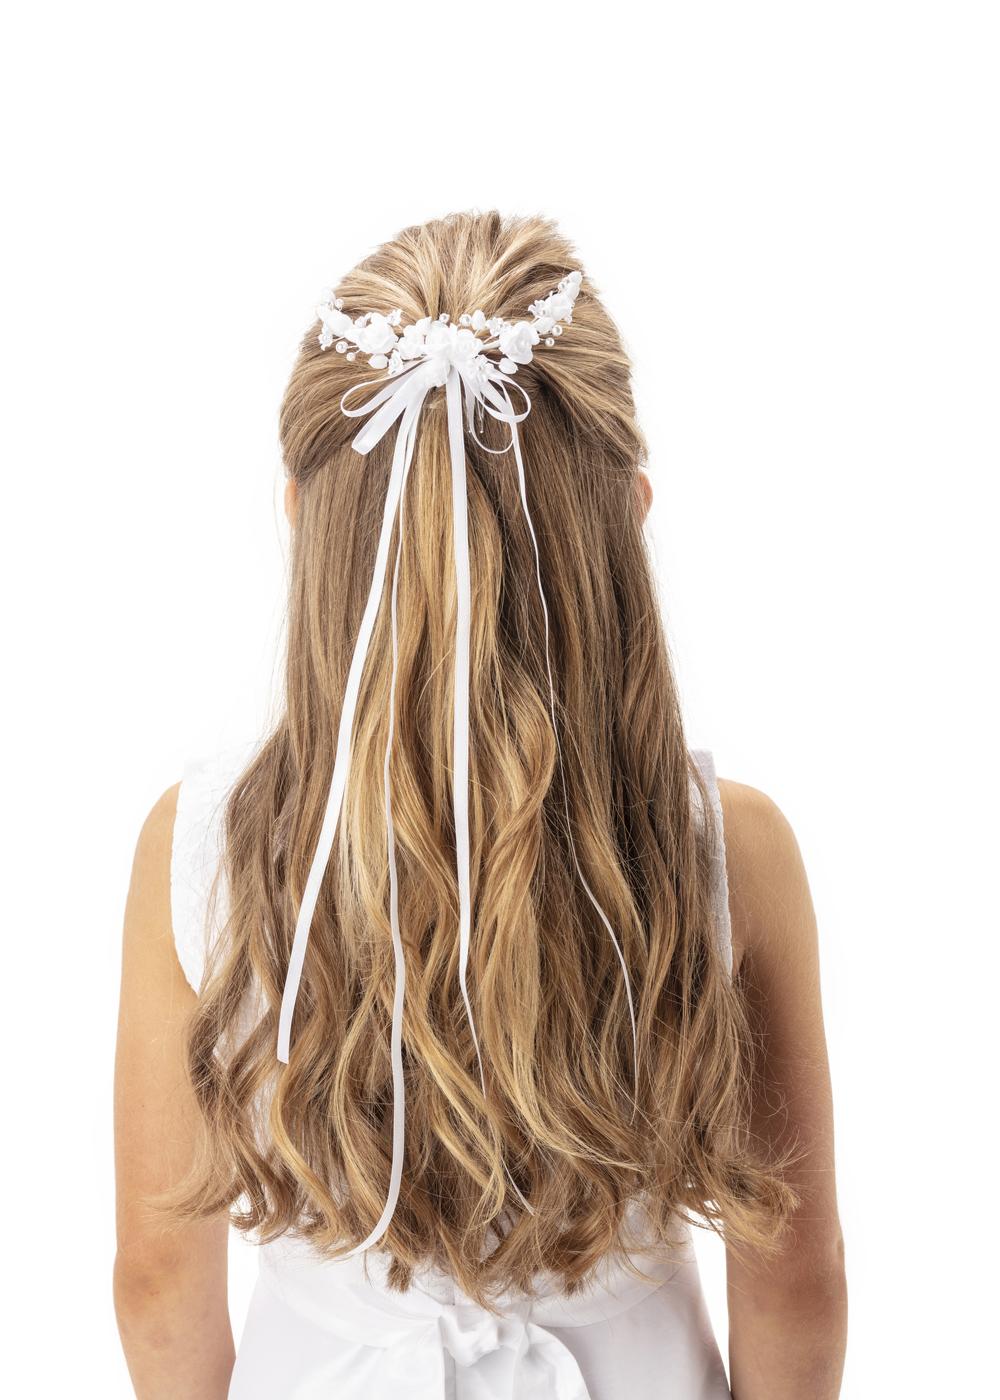 Kommunion Accessoires für Mädchen. Haarschmuck Modell 255809_001_02